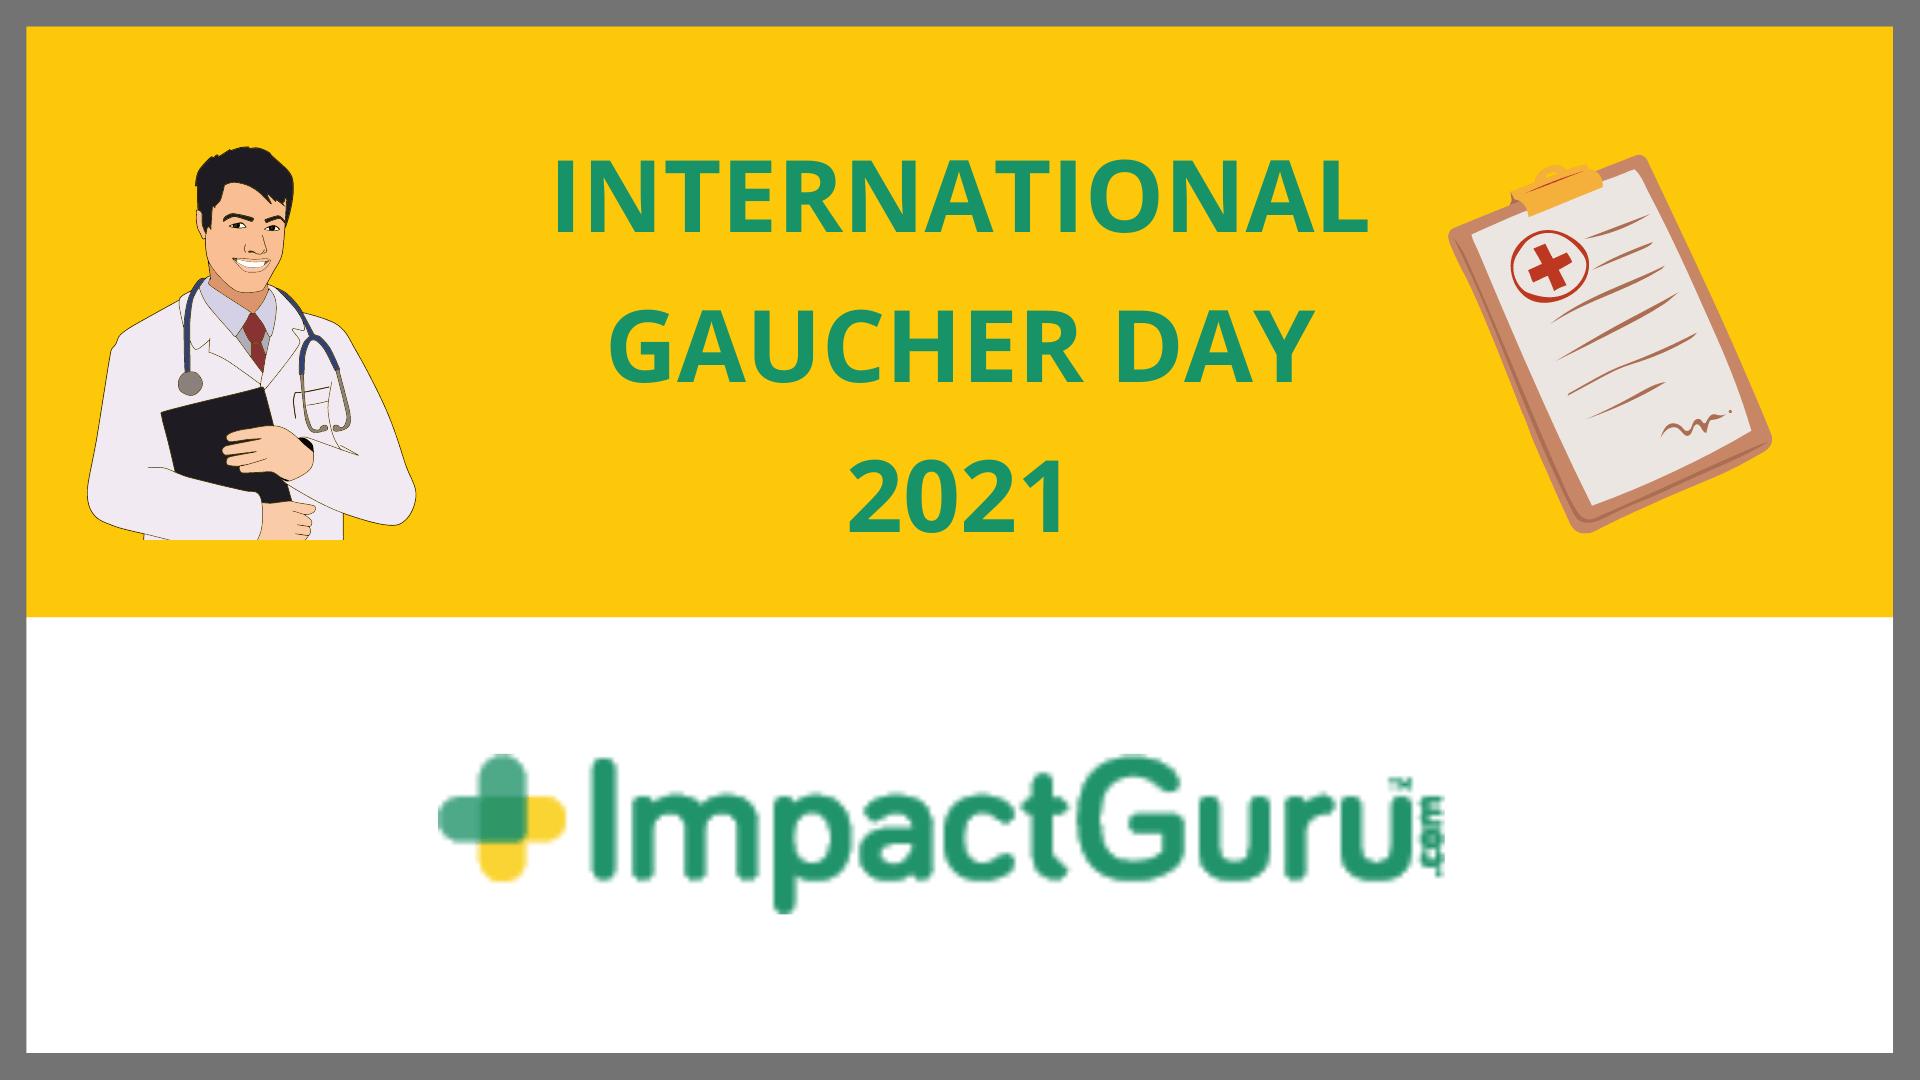 International Gaucher Day - The Strange Effect of Gaucher Disease